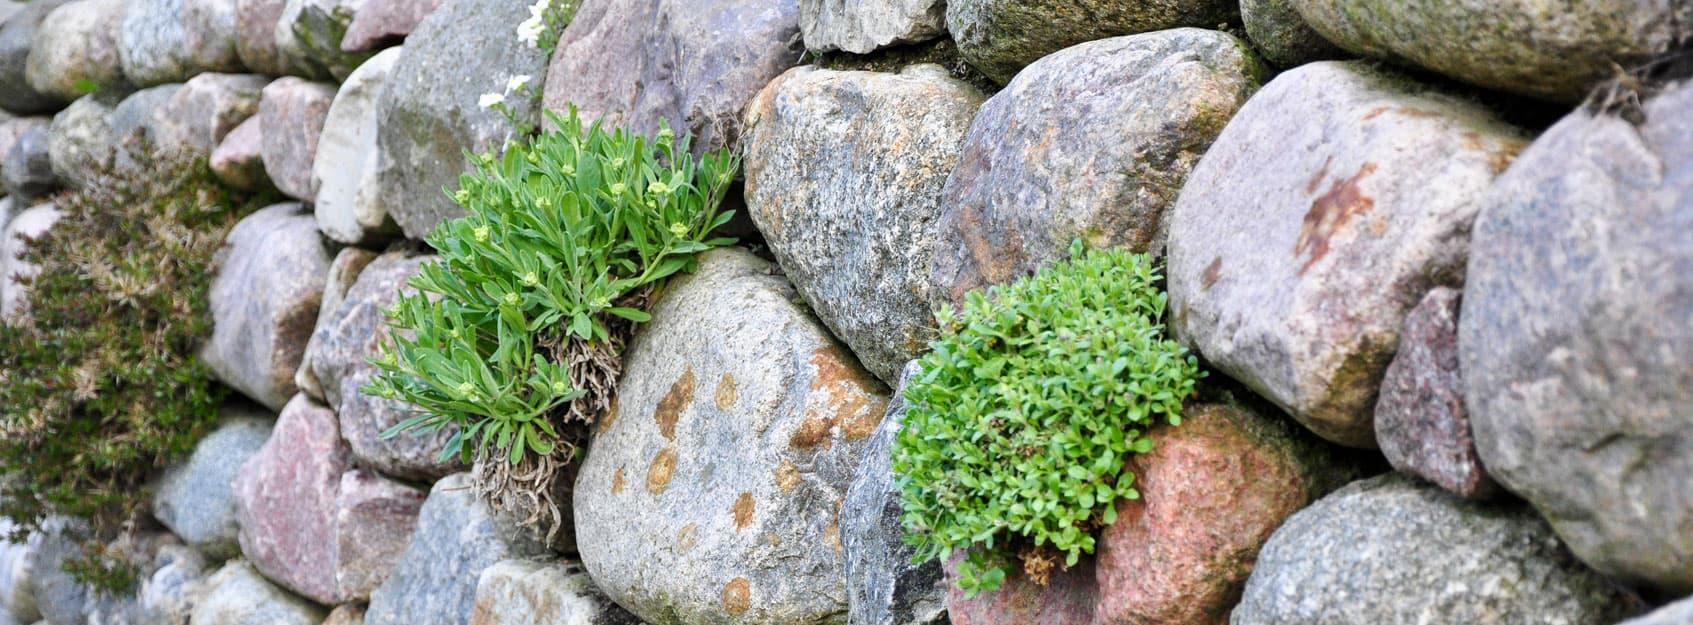 Findlinge als Quellsteine, in Trockenmauern oder im Teich aus Berlin